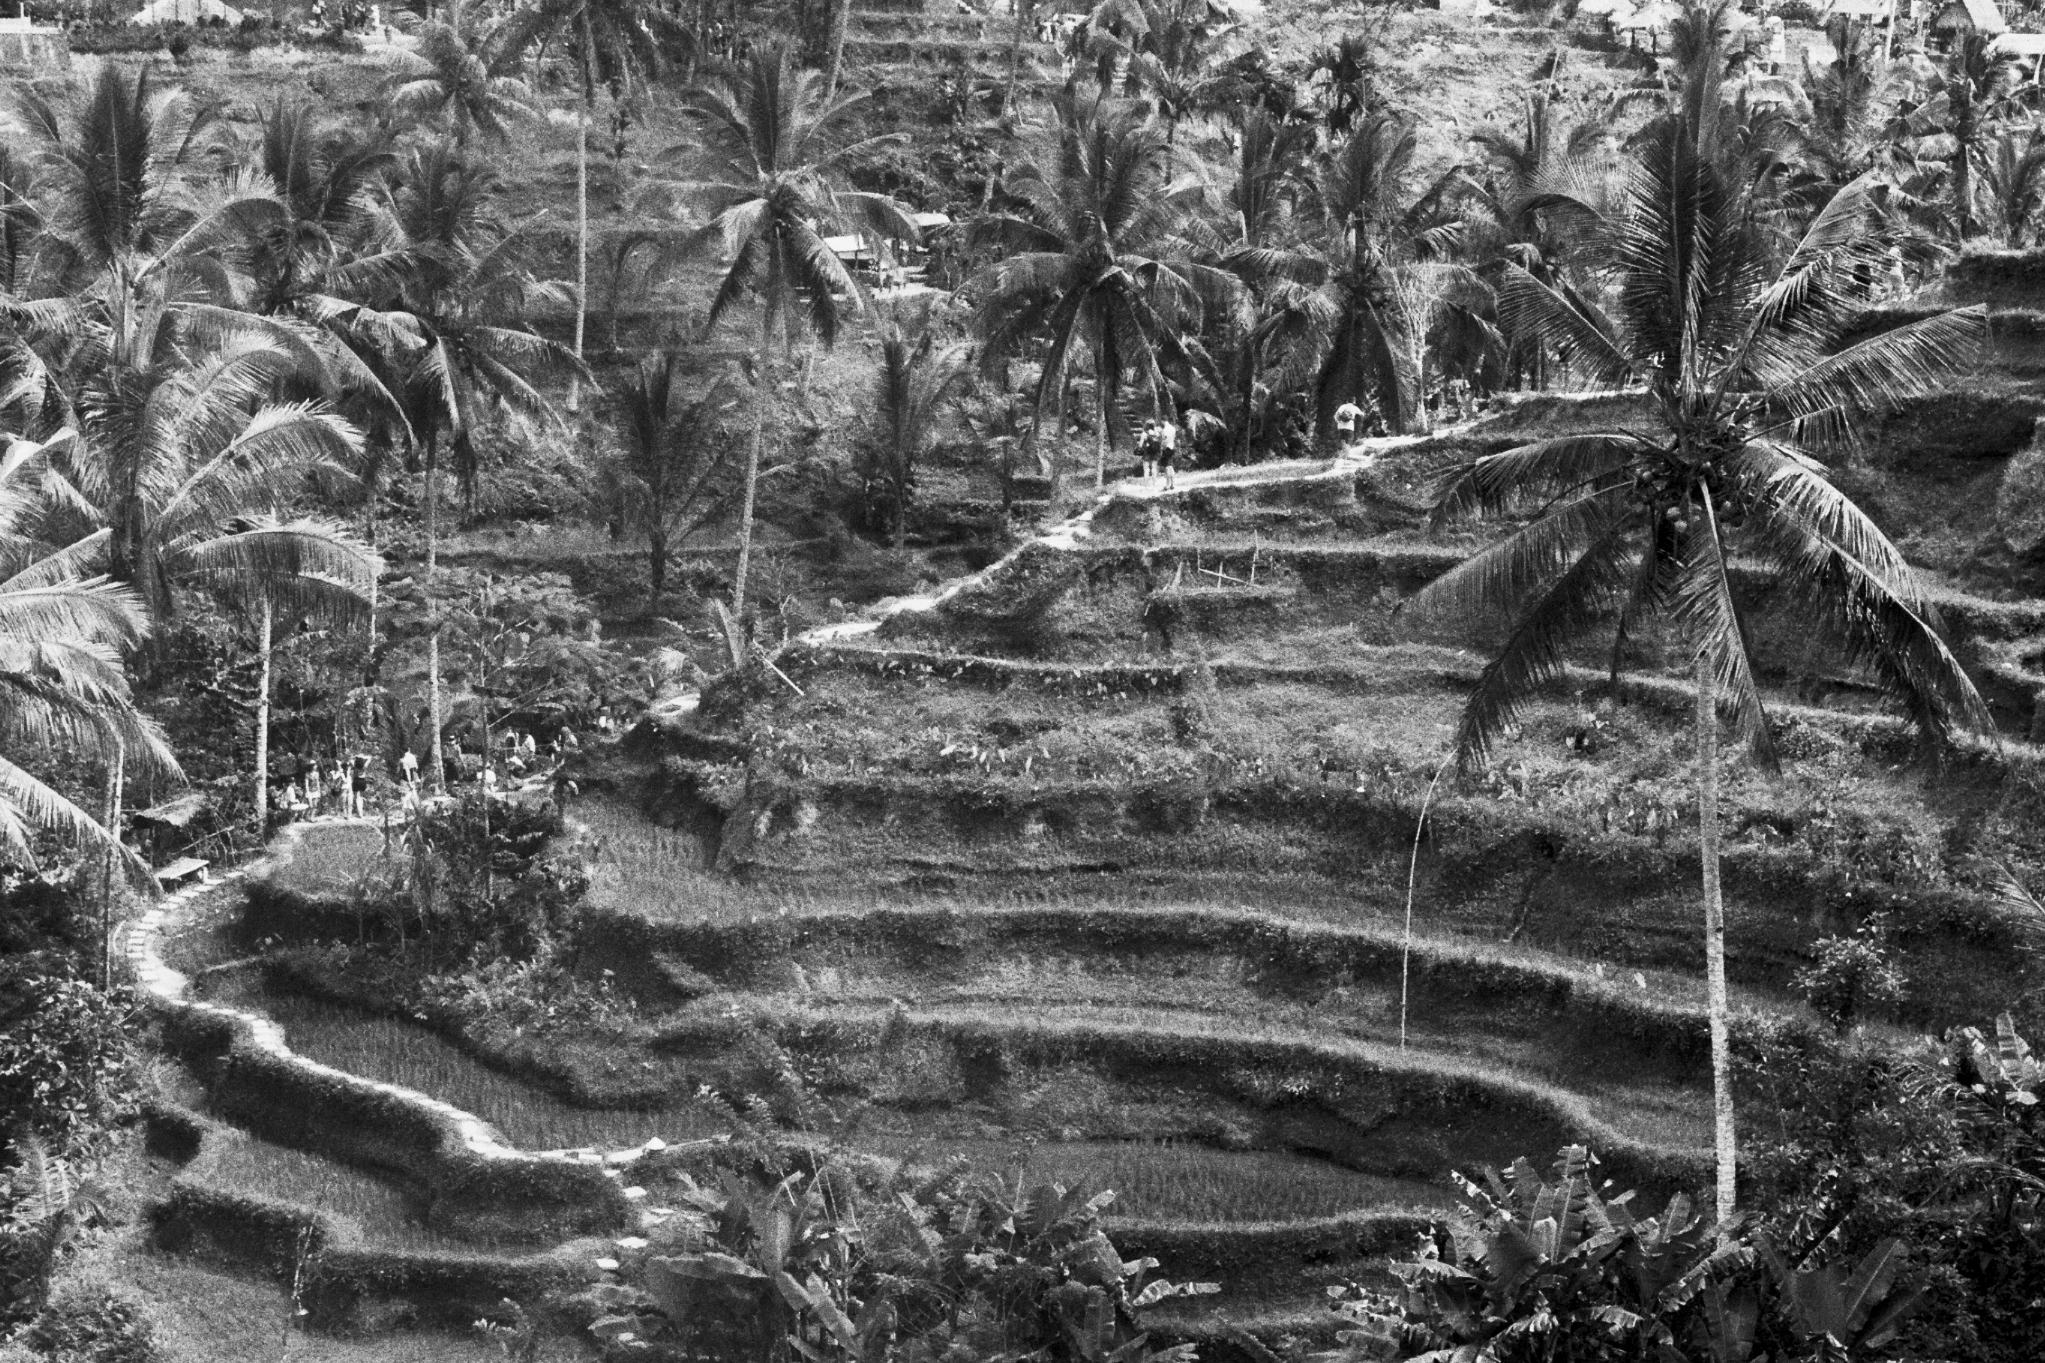 Tegallalang Rice Terrance, Bali, 2017